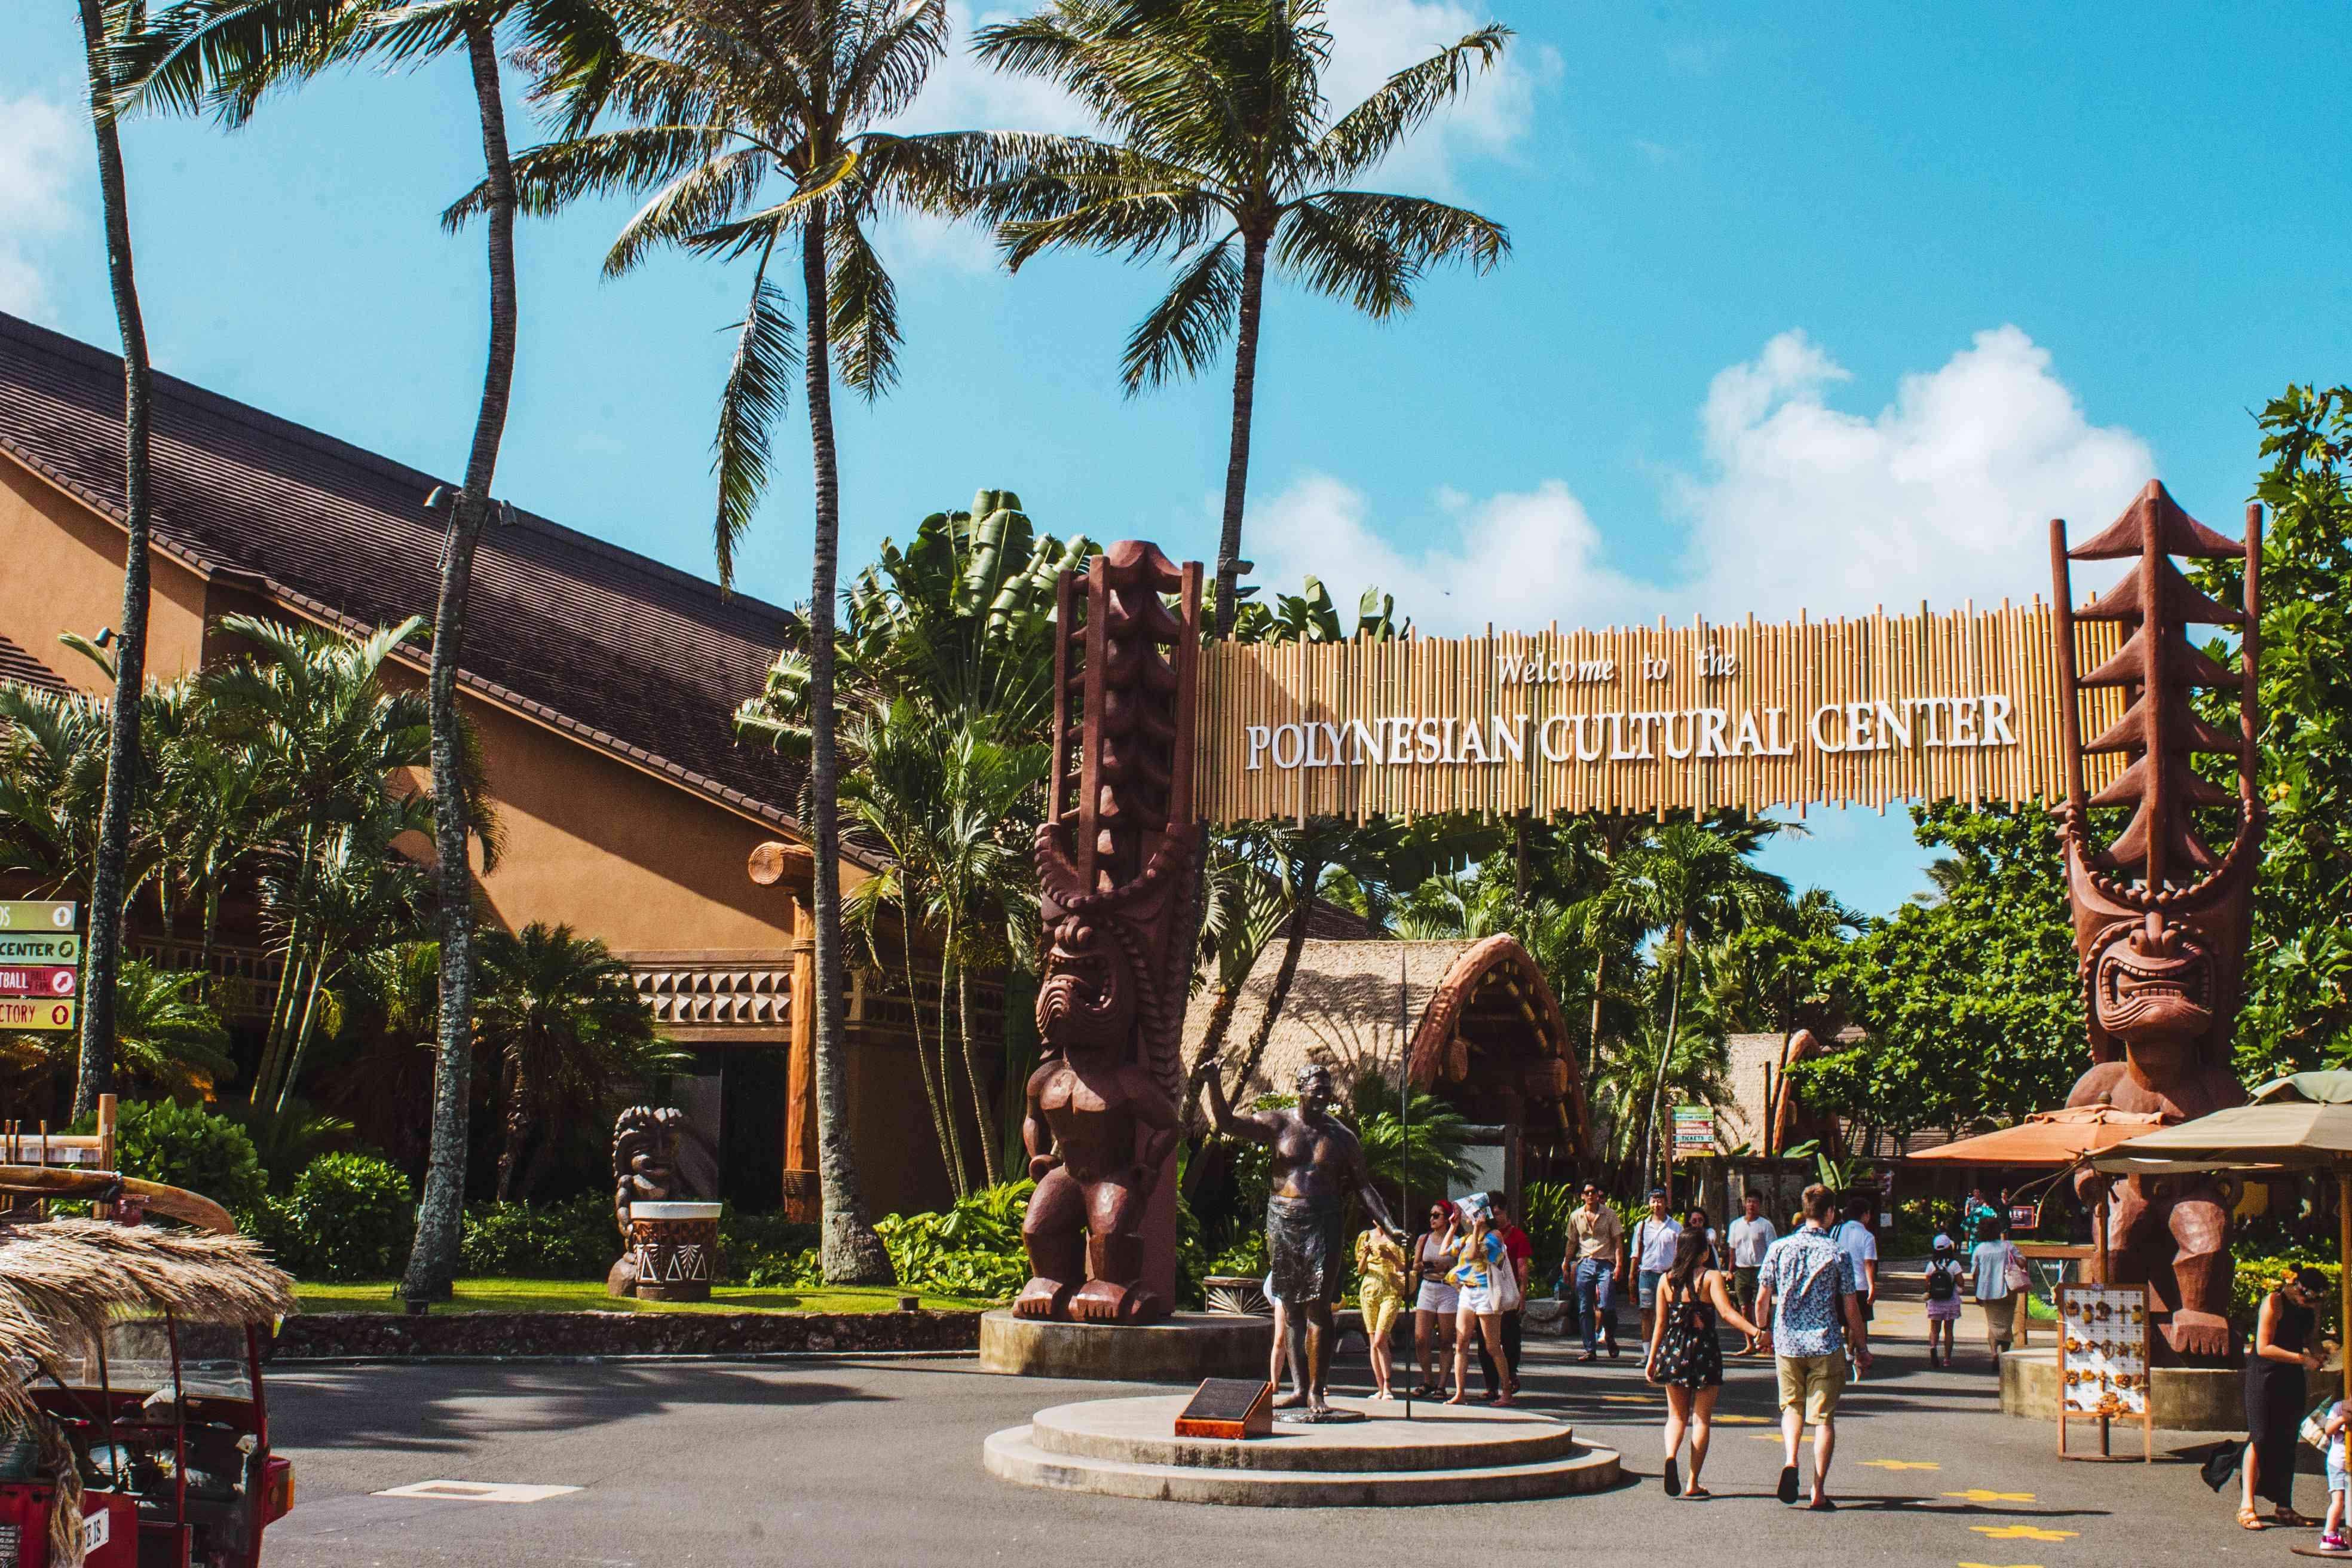 Entrance to the Polynesian Cultural Center